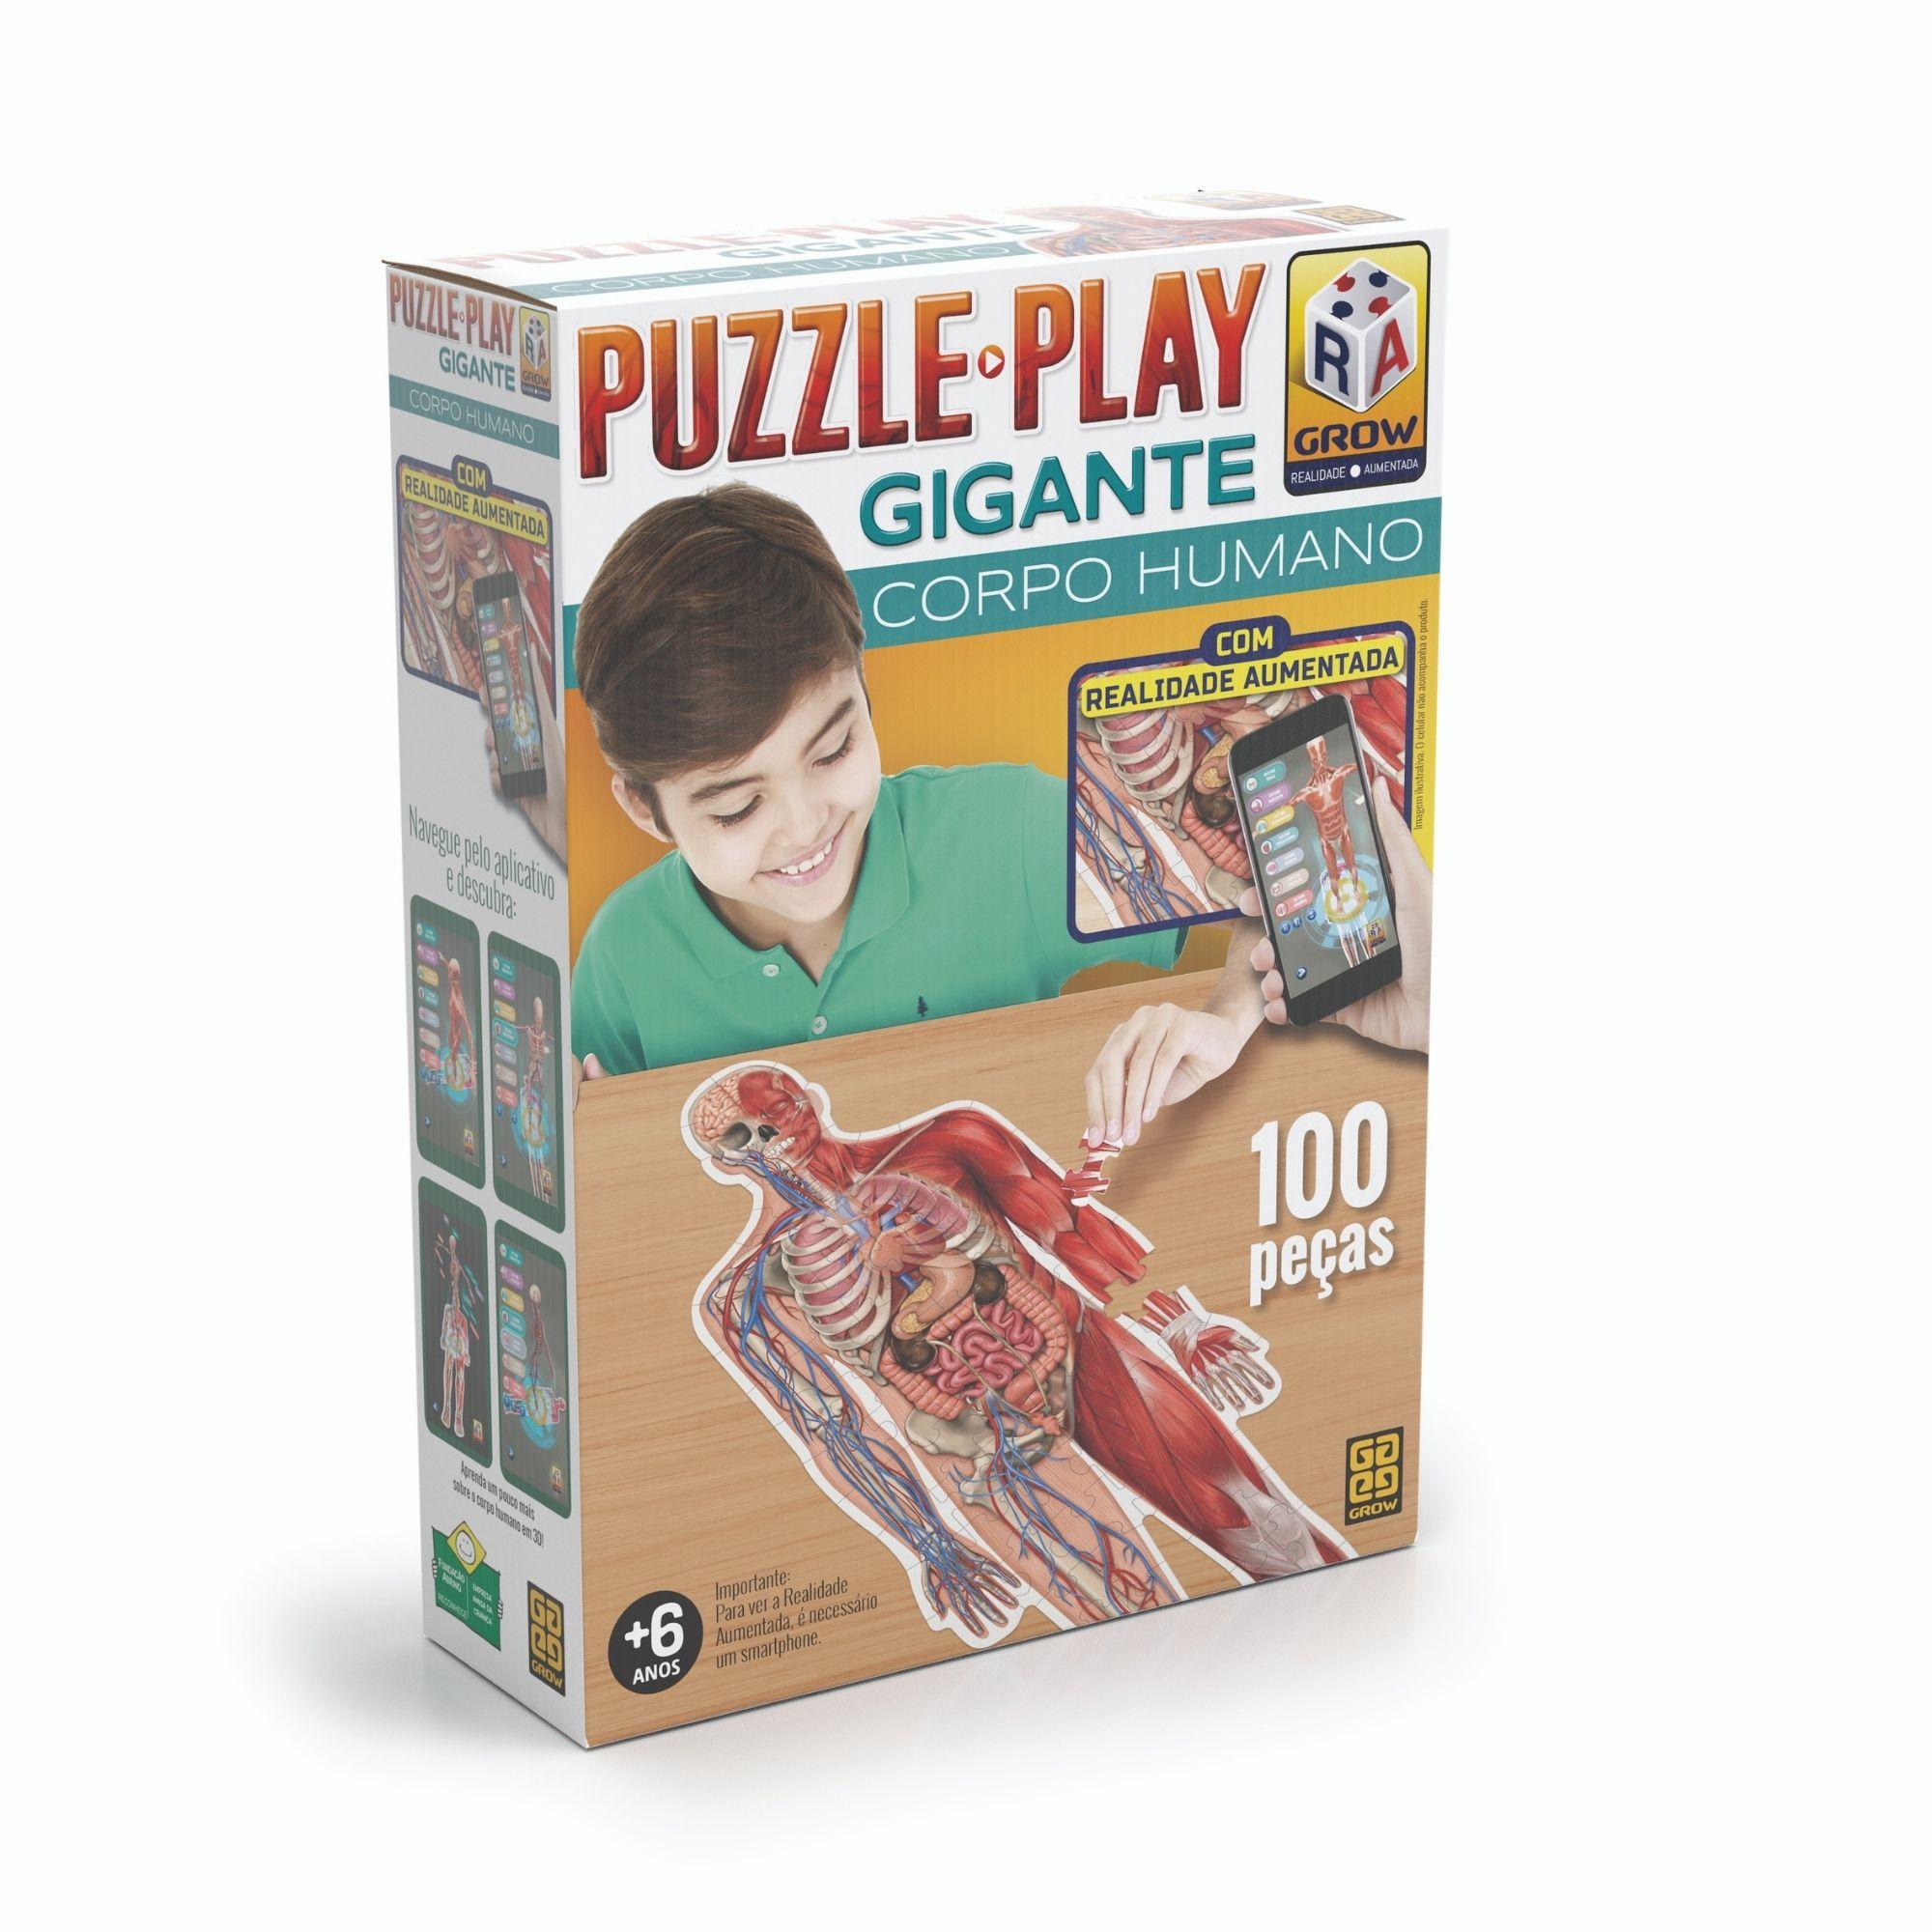 Quebra-Cabeça - Puzzle Play Gigante - Corpo Humano - 100 Peças - Grow